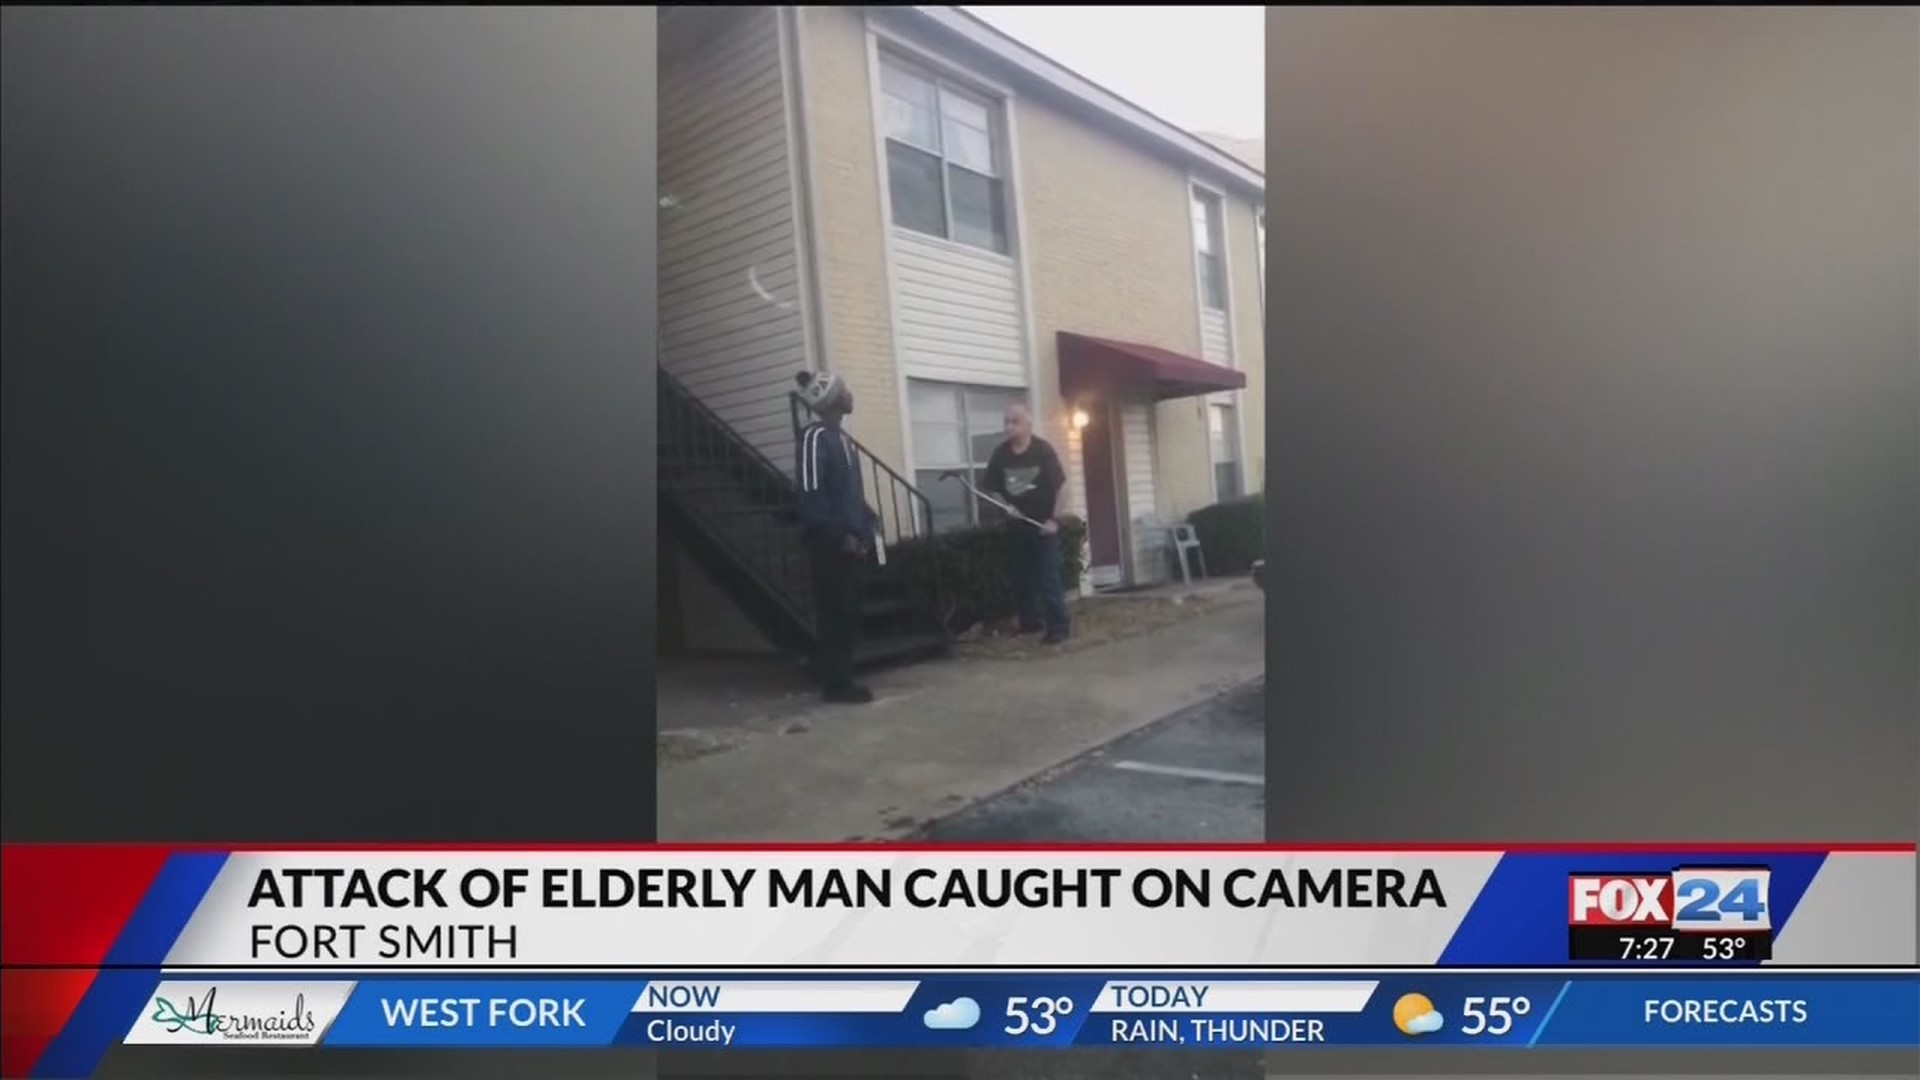 Attack_of_Elderly_Man_Caught_on_Camera_i_0_20181213133621